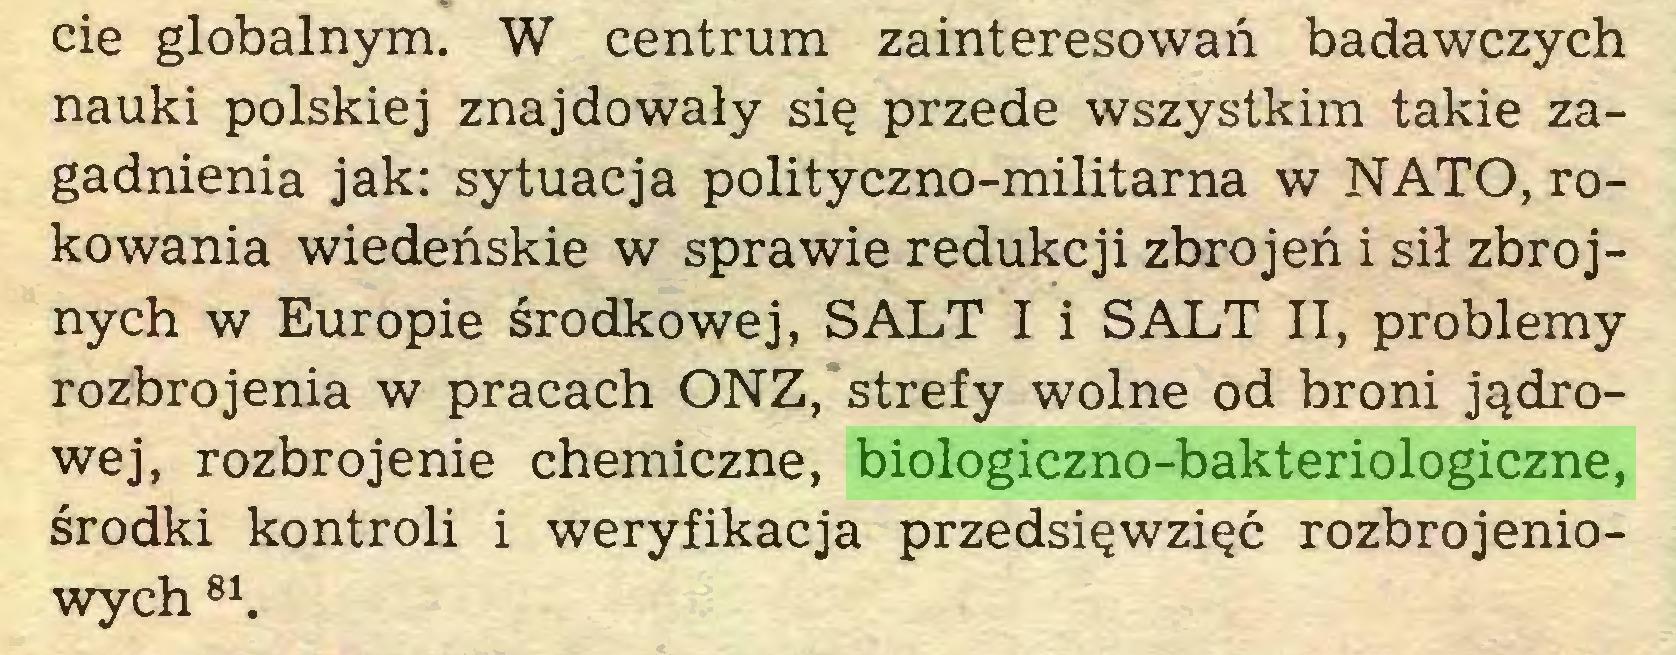 (...) cie globalnym. W centrum zainteresowan badawczych nauki polskiej znajdowaly si$ przede wszystkim takie zagadnienia jak: sytuacja polityczno-militarna w NATO, rokowania wiedenskie w sprawie redukcji zbrojen i sil zbrojnych w Europie srodkowej, SALT I i SALT II, problemy rozbrojenia w pracach ONZ, strefy wolne od broni jqdrowej, rozbrojenie chemiczne, biologiczno-bakteriologiczne, srodki kontroli i weryfikacja przedsi^wzi^c rozbrojeniowych 81...